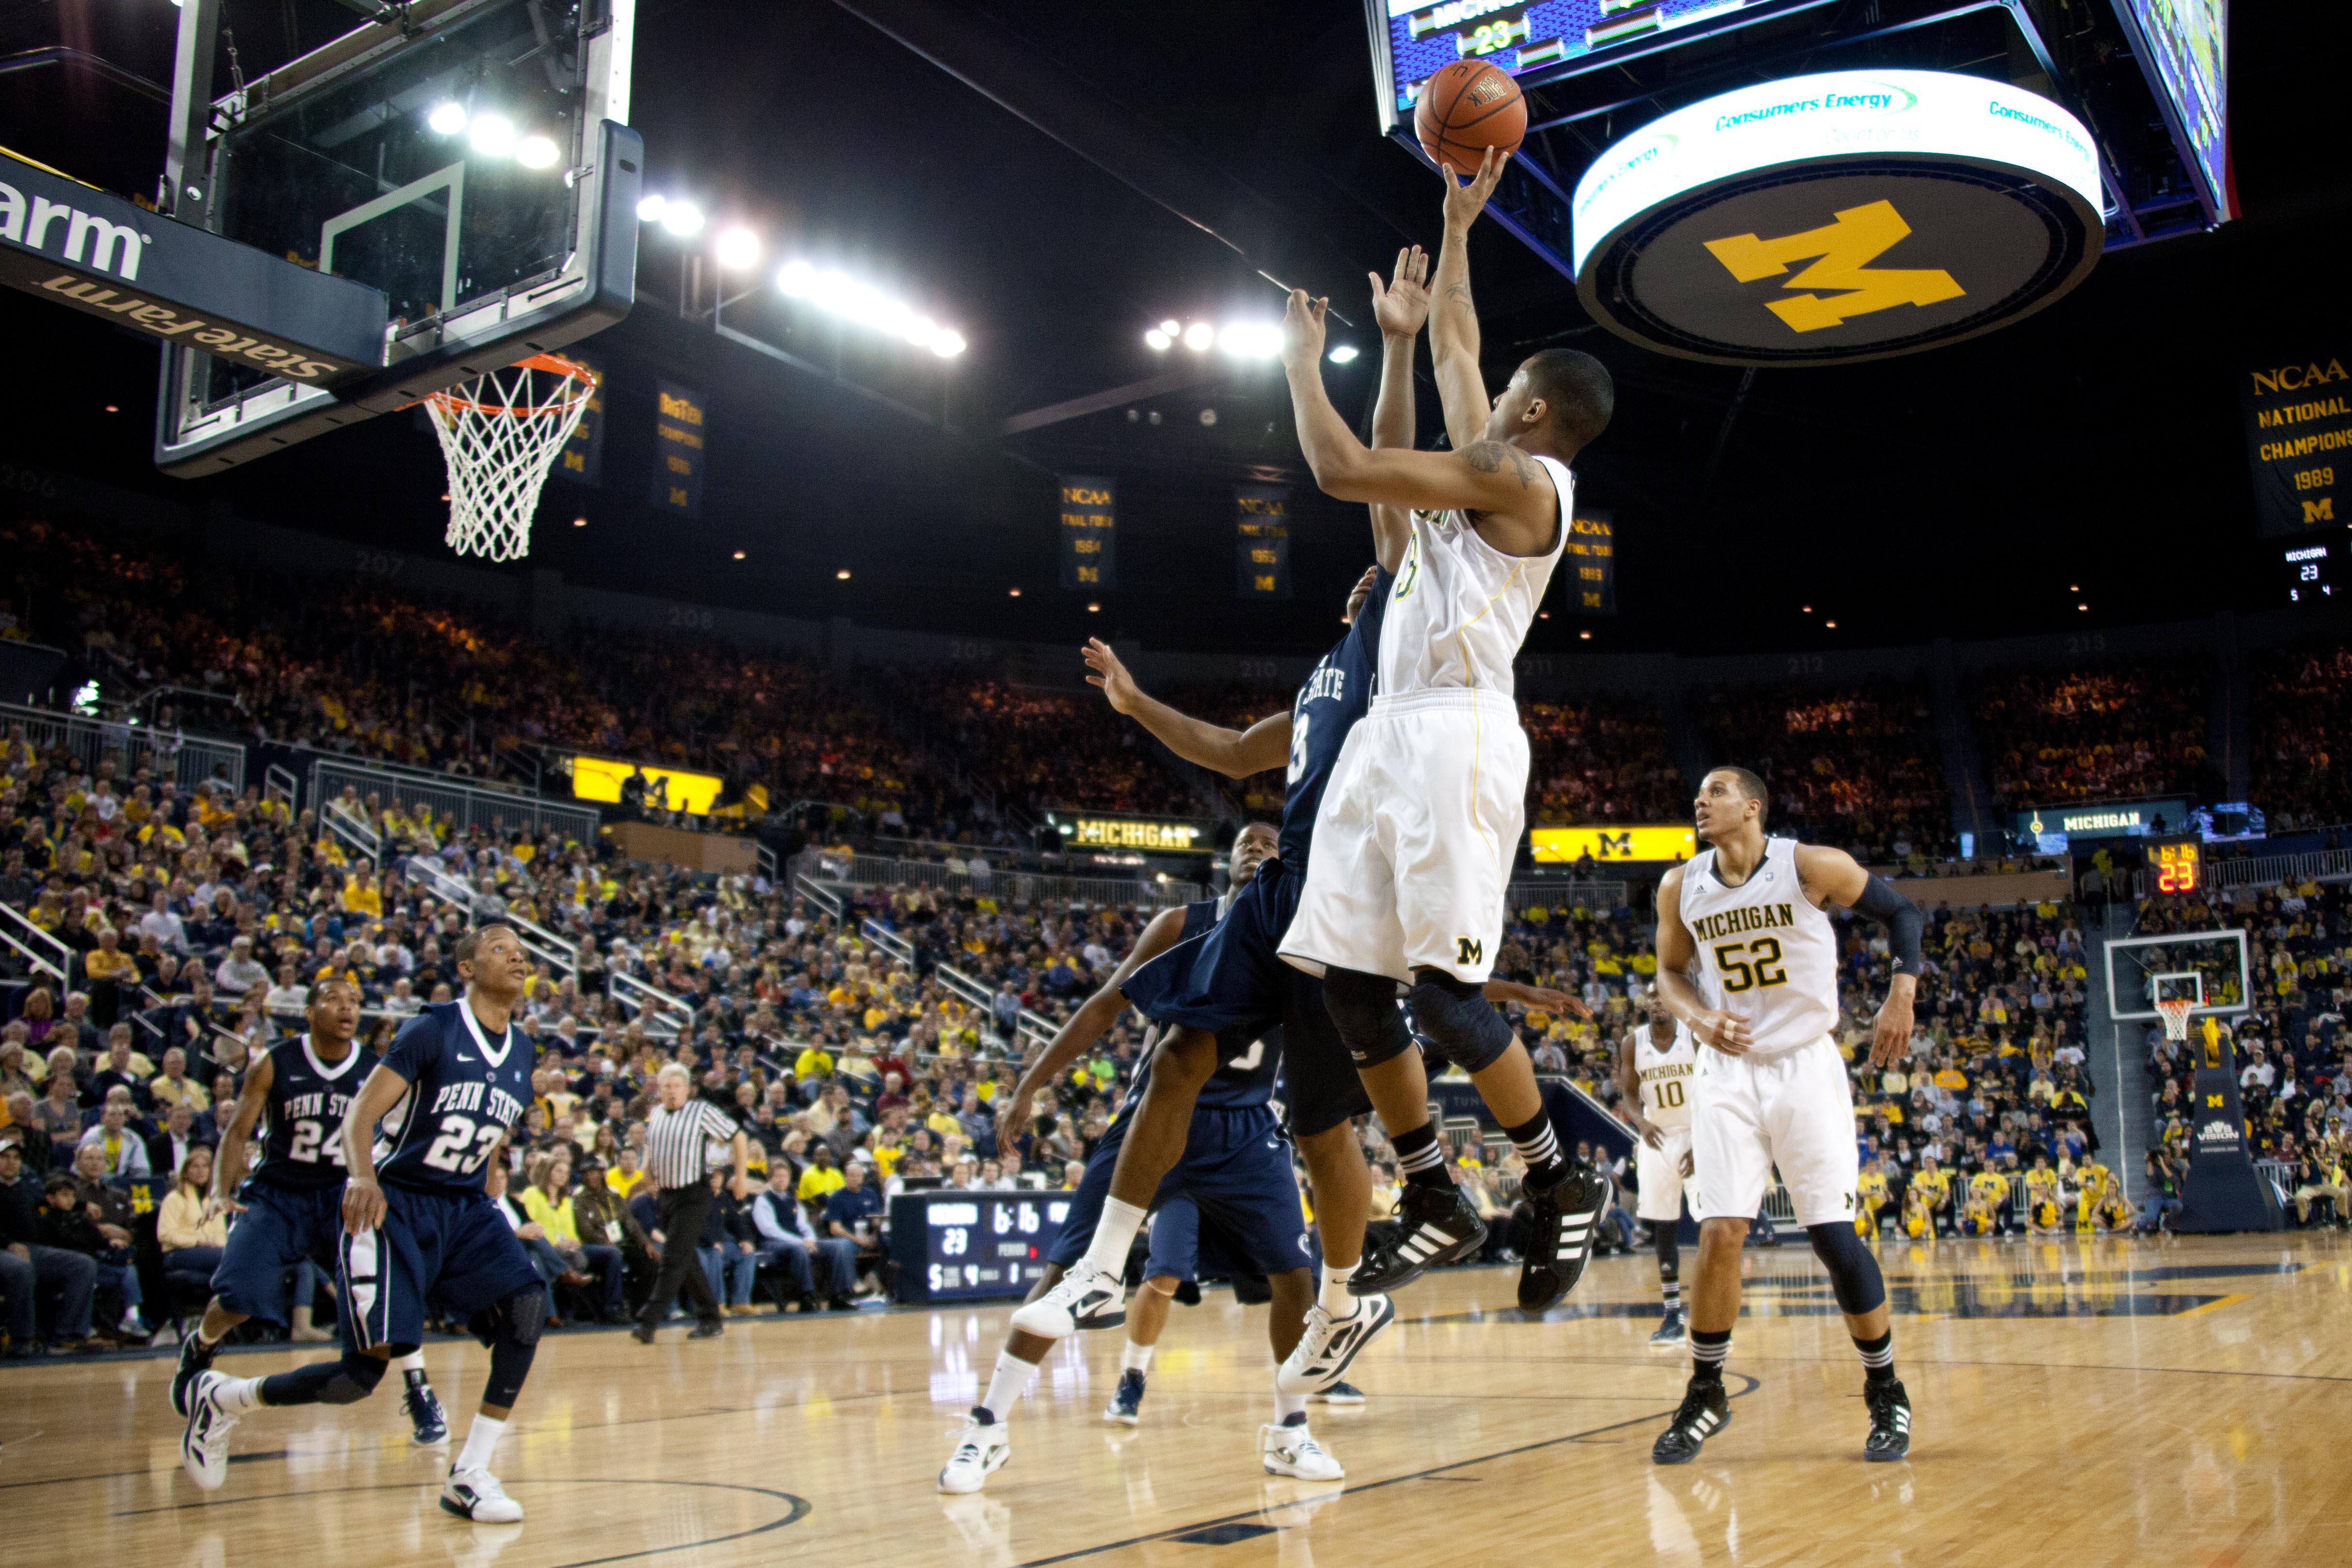 Penn State at Michigan 13